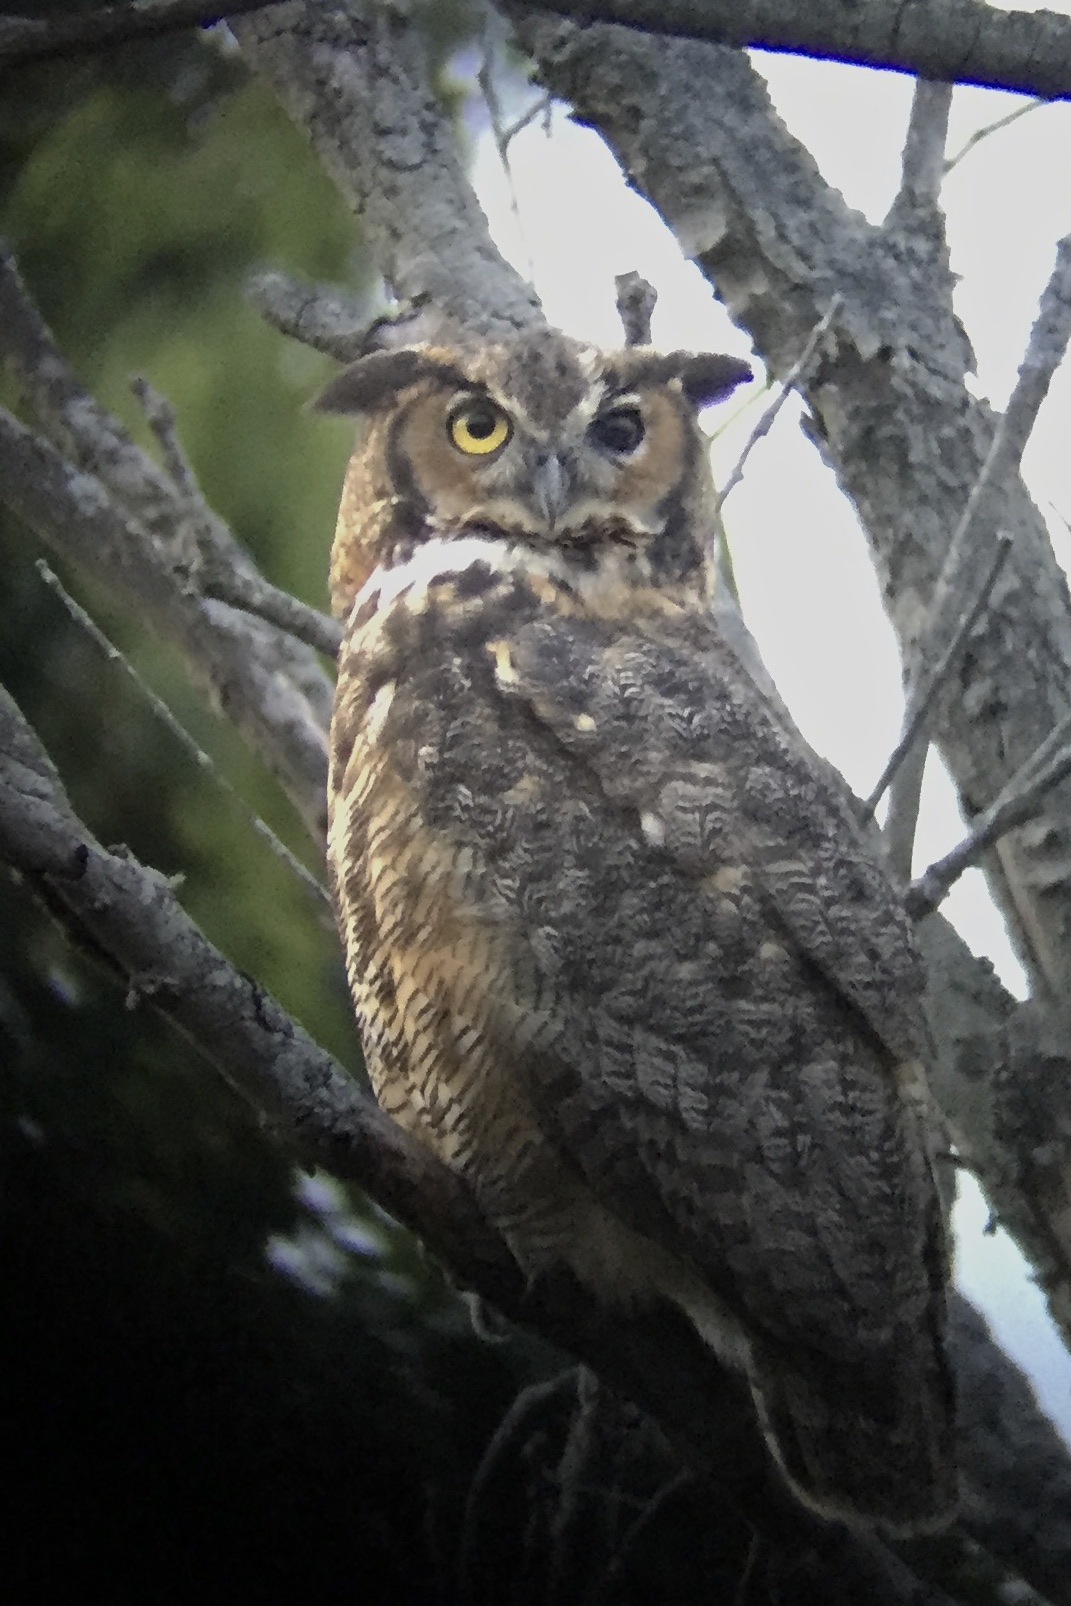 ~Black Dirt Great Horned Owl, 9/9/15.~